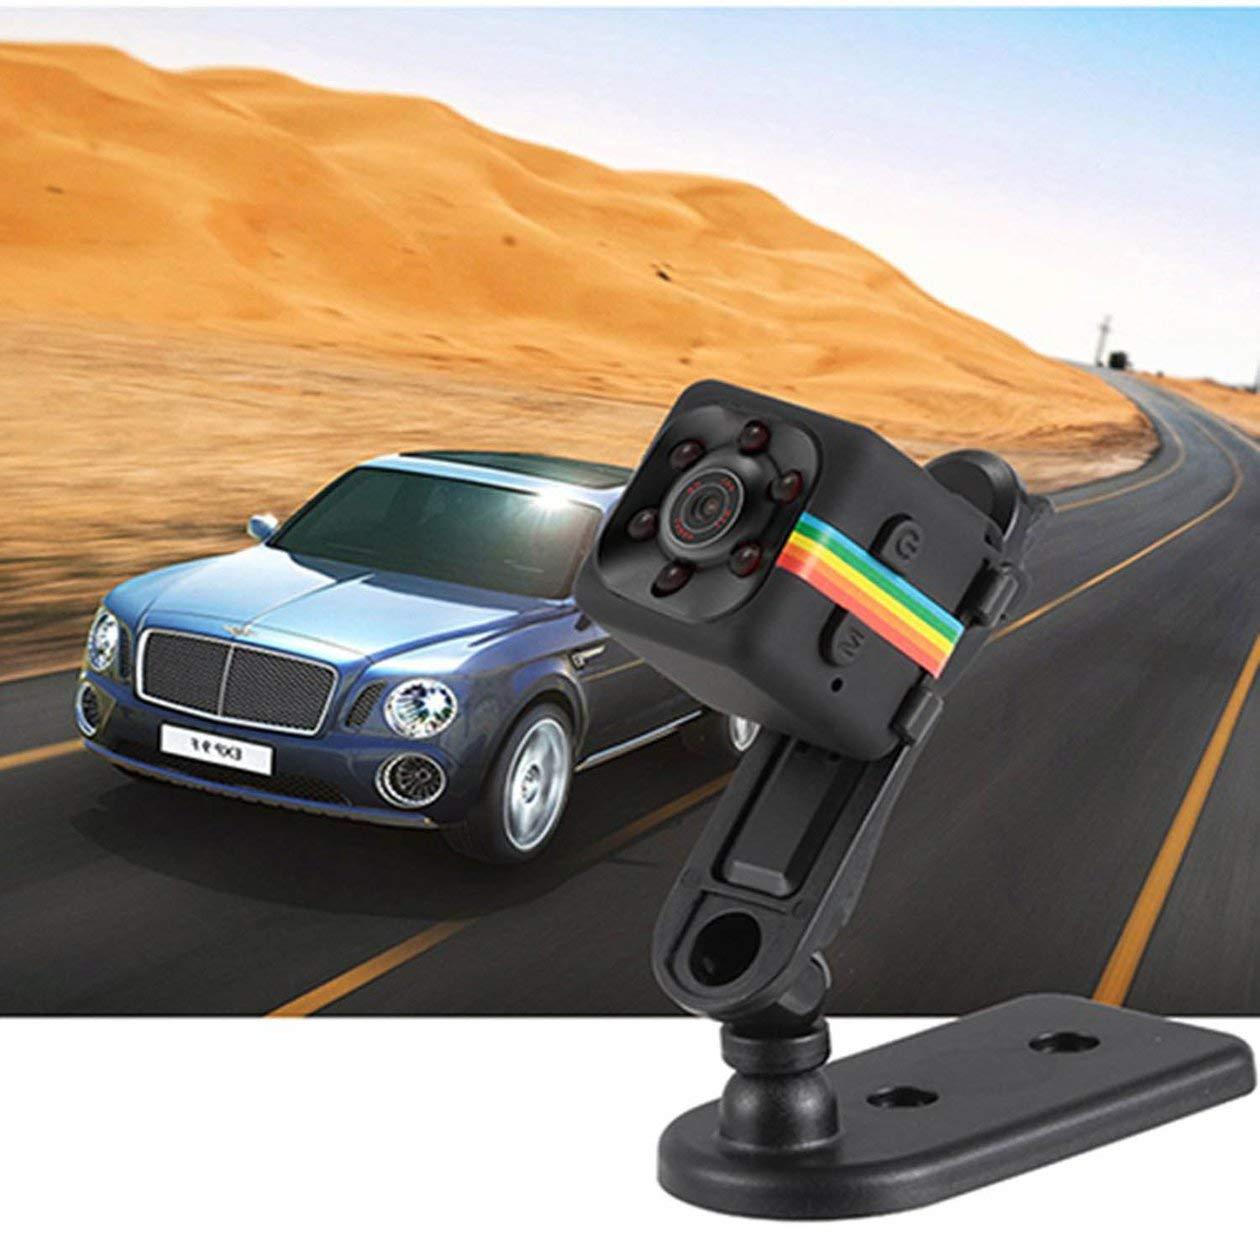 BIYI SQ11 Coche Mini DVR C/ámara HD Videoc/ámara CMOS 1080P Grabador de Video de visi/ón Nocturna C/ámara Deportiva Impermeable al Aire Libre Negro